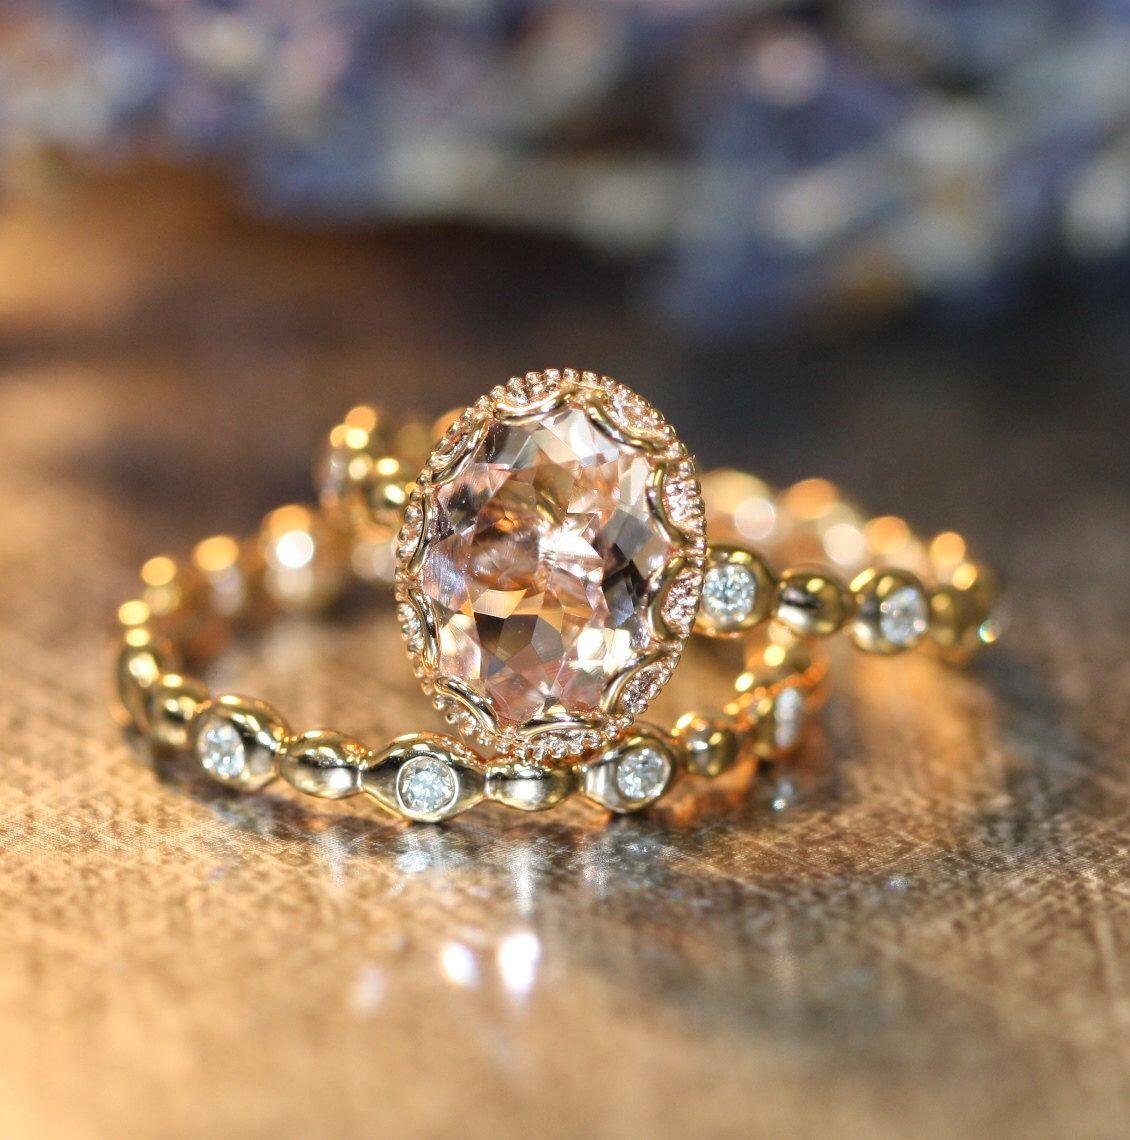 Floral Wedding Ring Set in 14k Rose Gold, 8x6mm